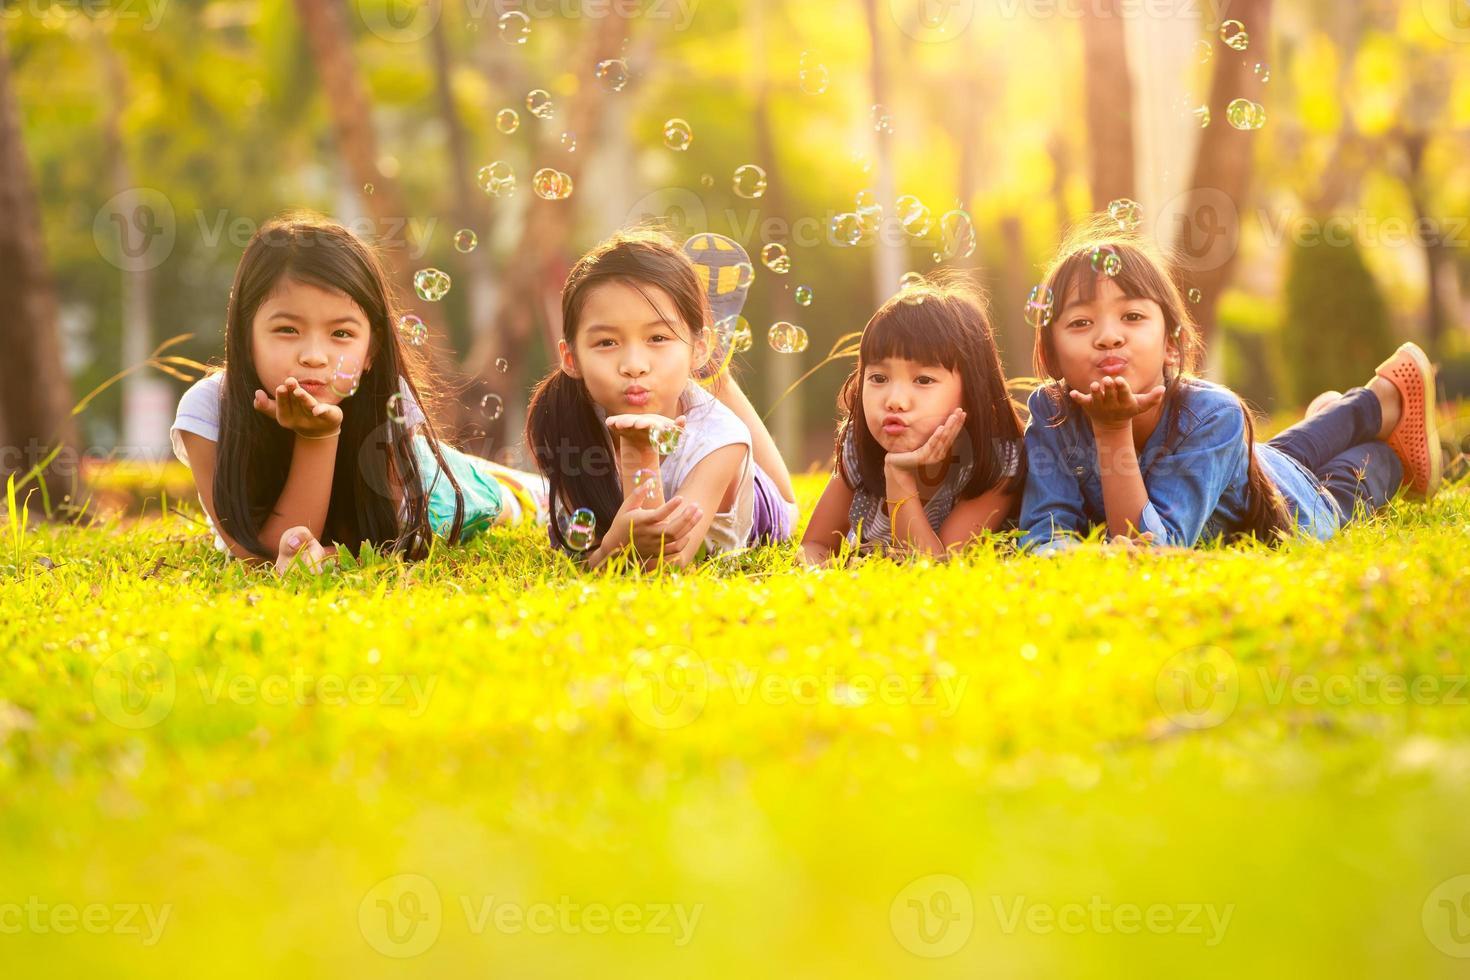 bambini carini divertirsi bolla sul prato verde foto